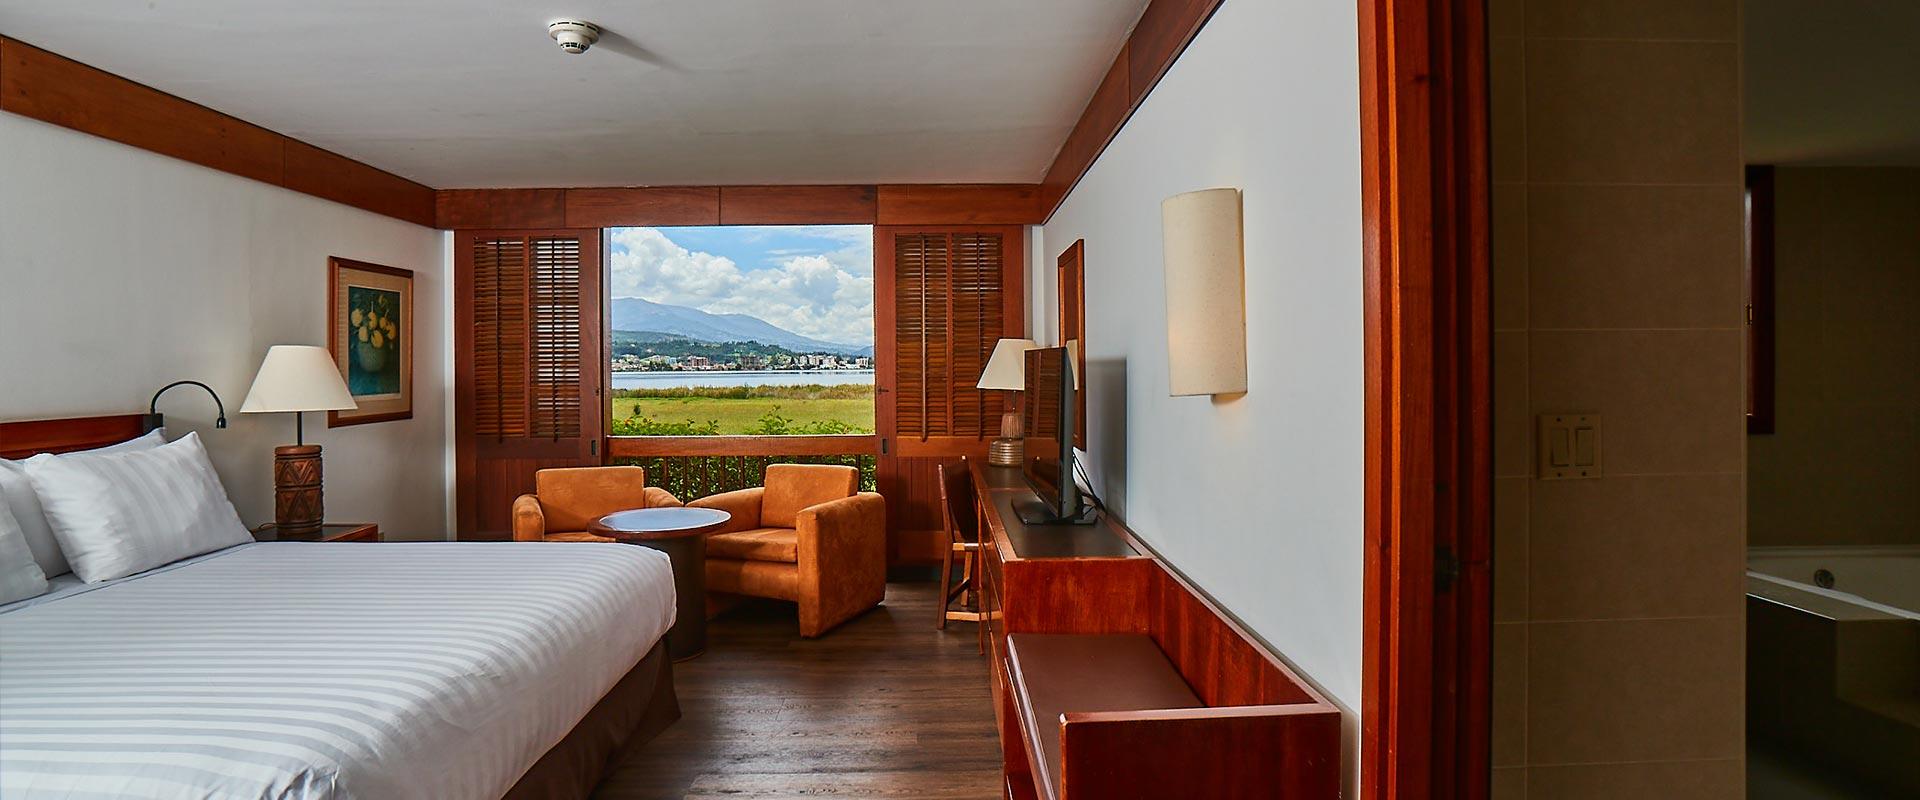 Room-Paipa